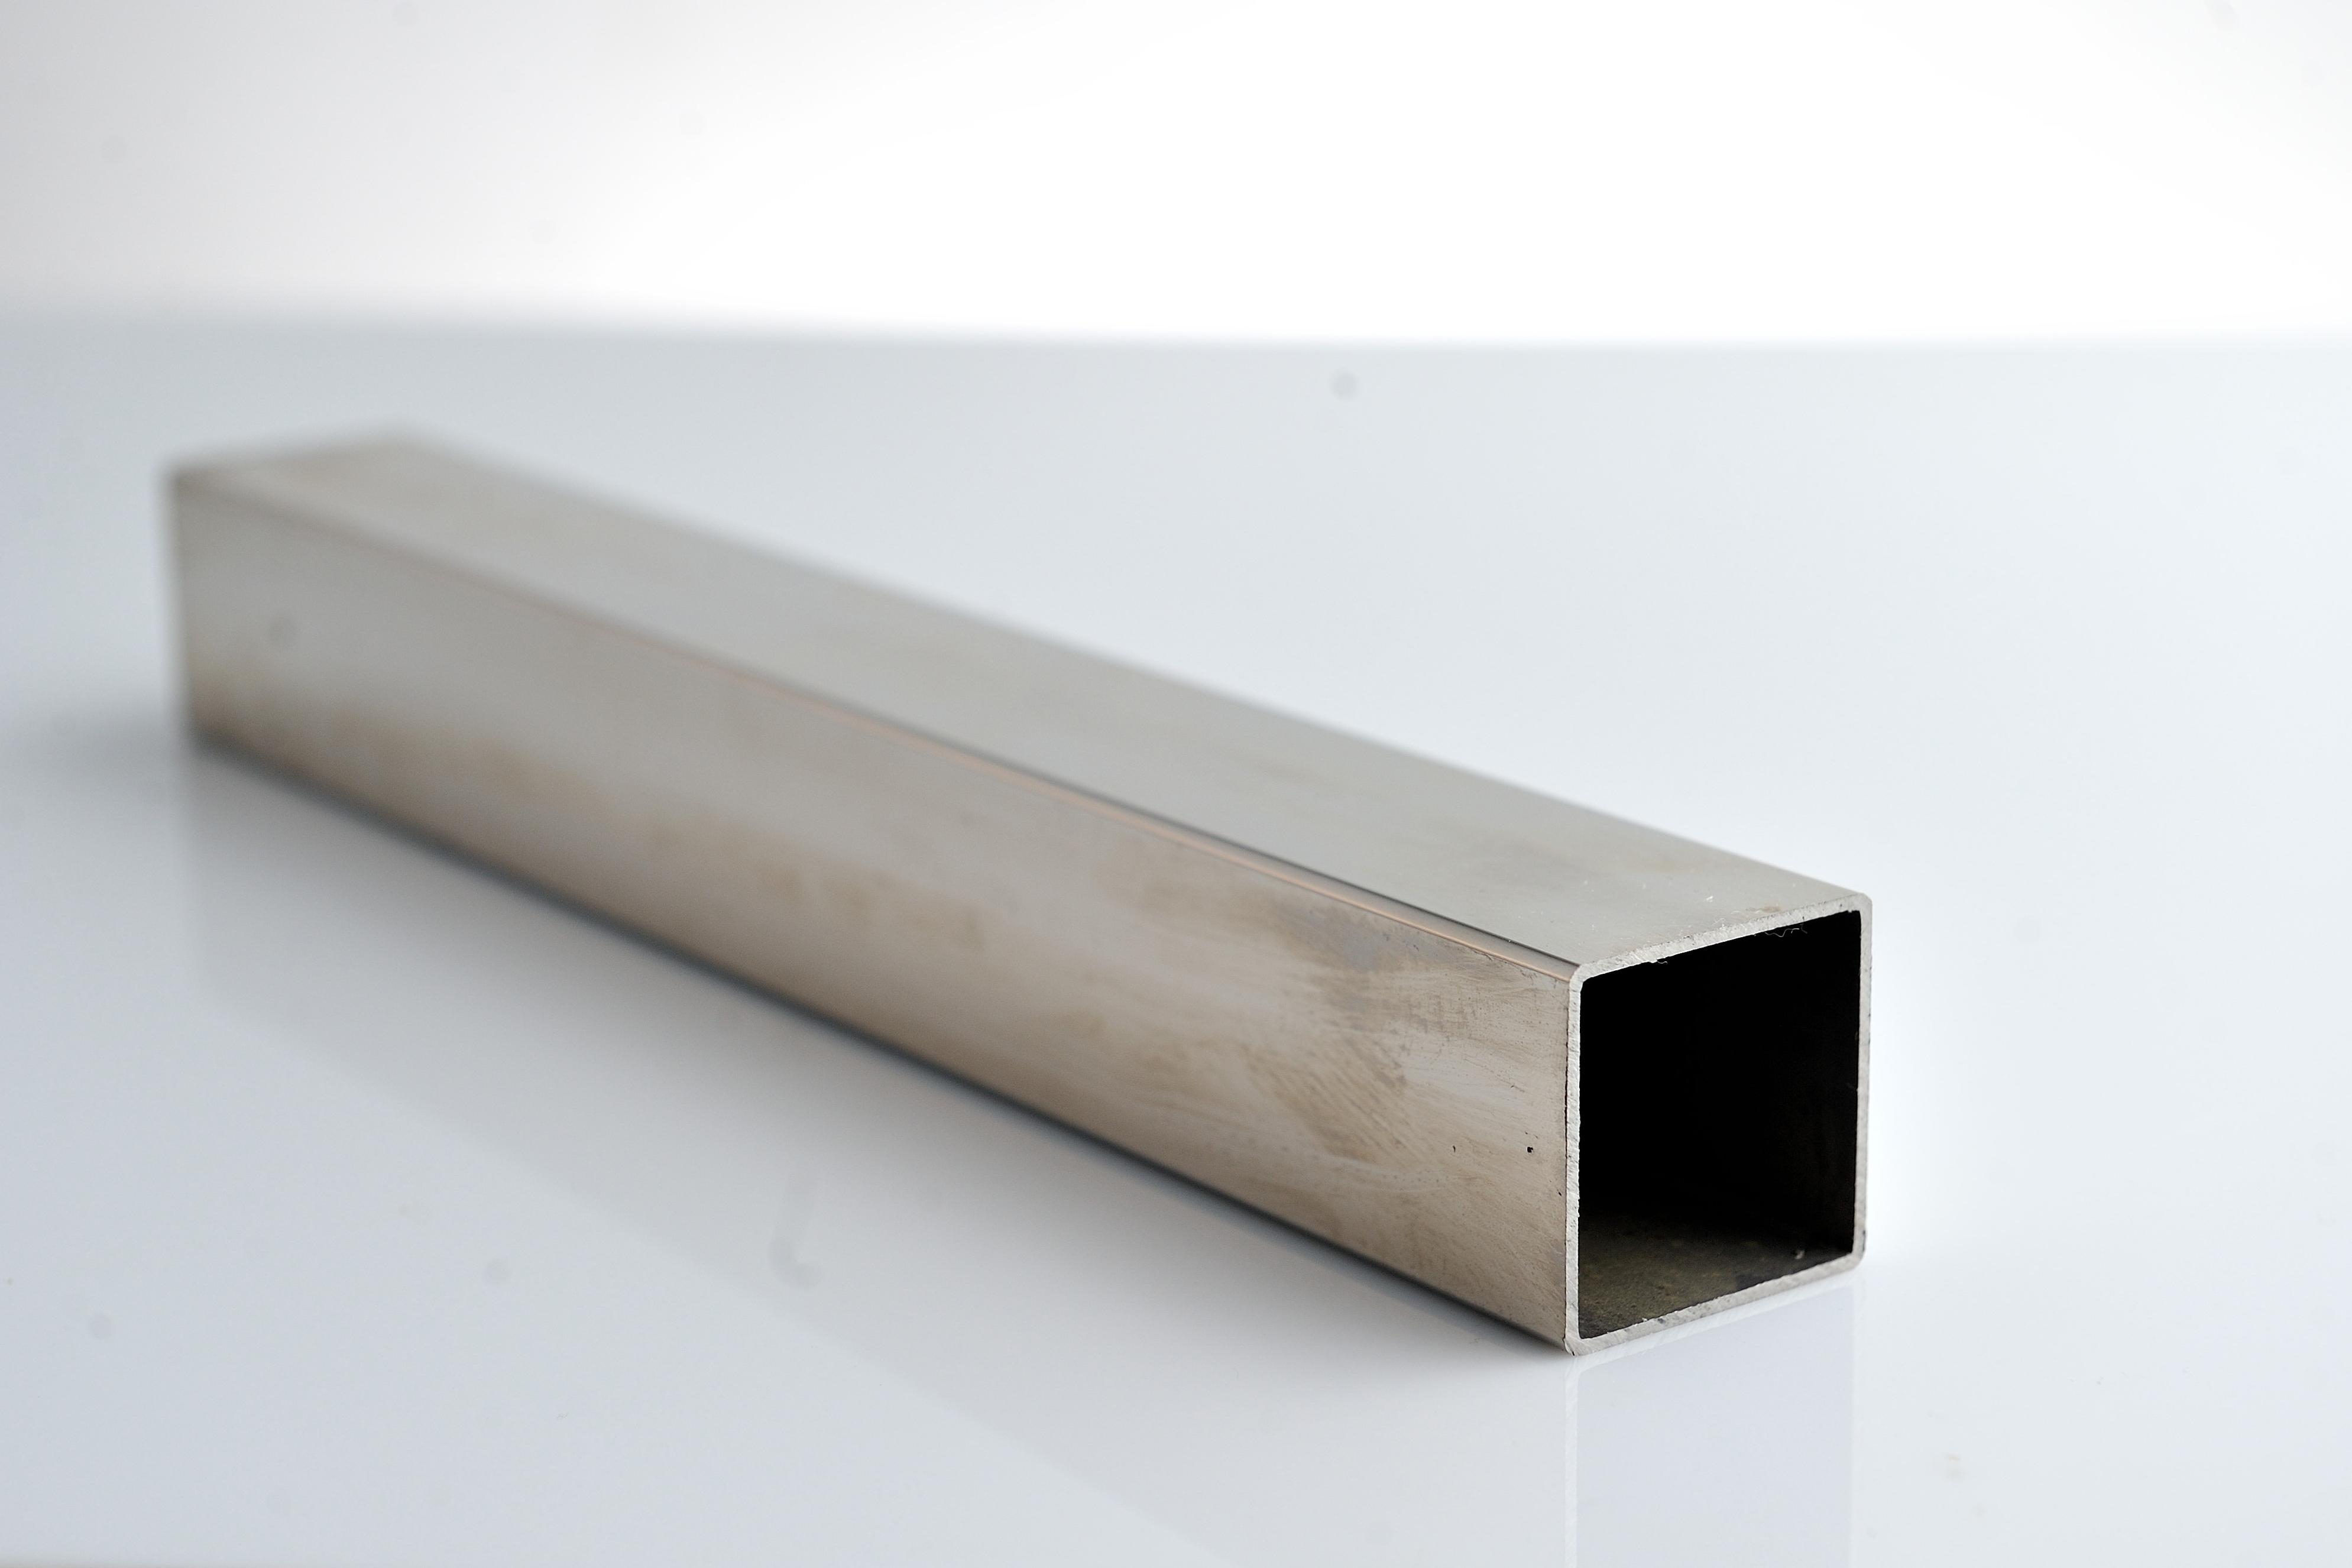 浙江方形316不锈钢管规格齐全批发定制 316不锈钢方管厂家直供